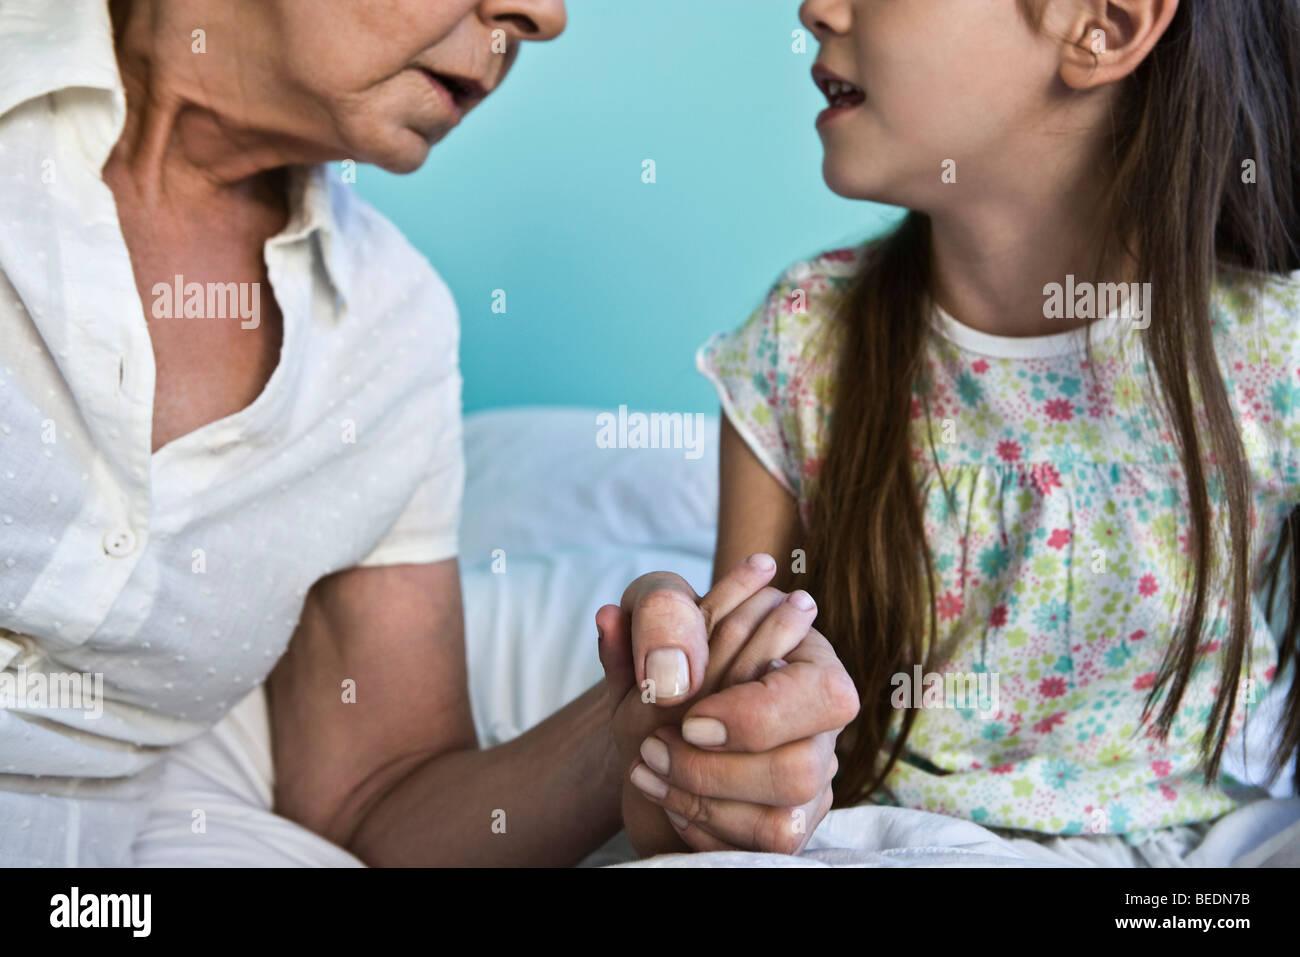 Grossmutter und junge Enkelin Händchenhalten und reden, beschnitten Stockbild